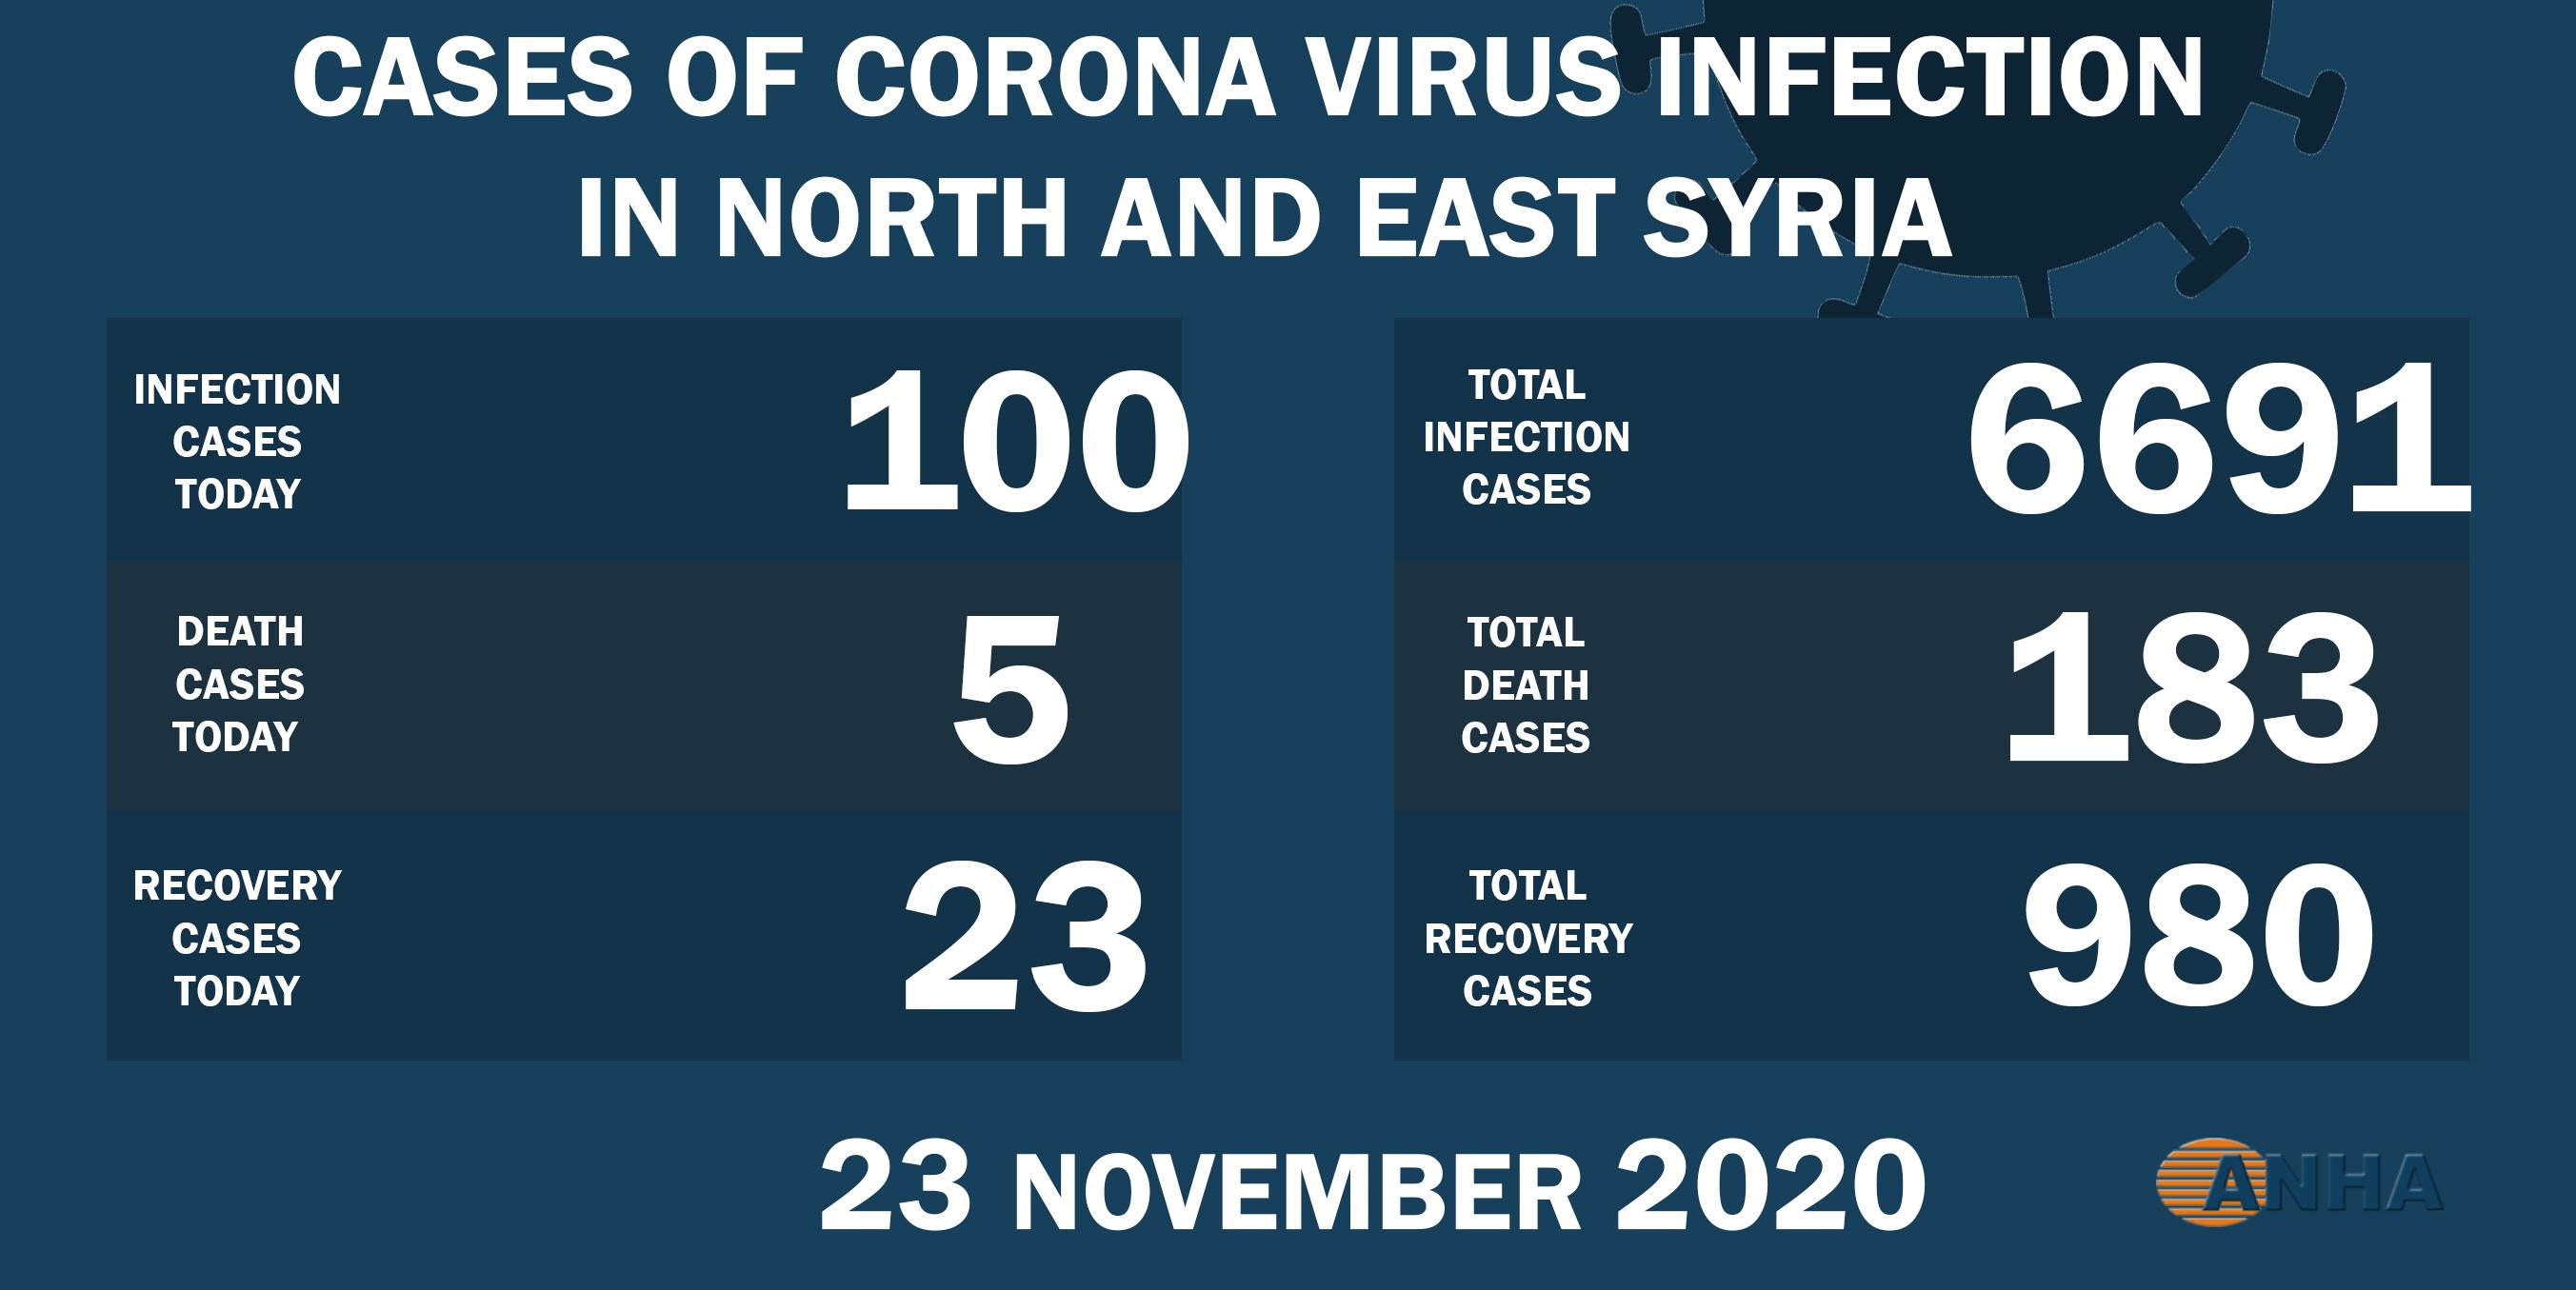 В северо-восточной Сирии выявили 100 новых случаев заражения COVID-19